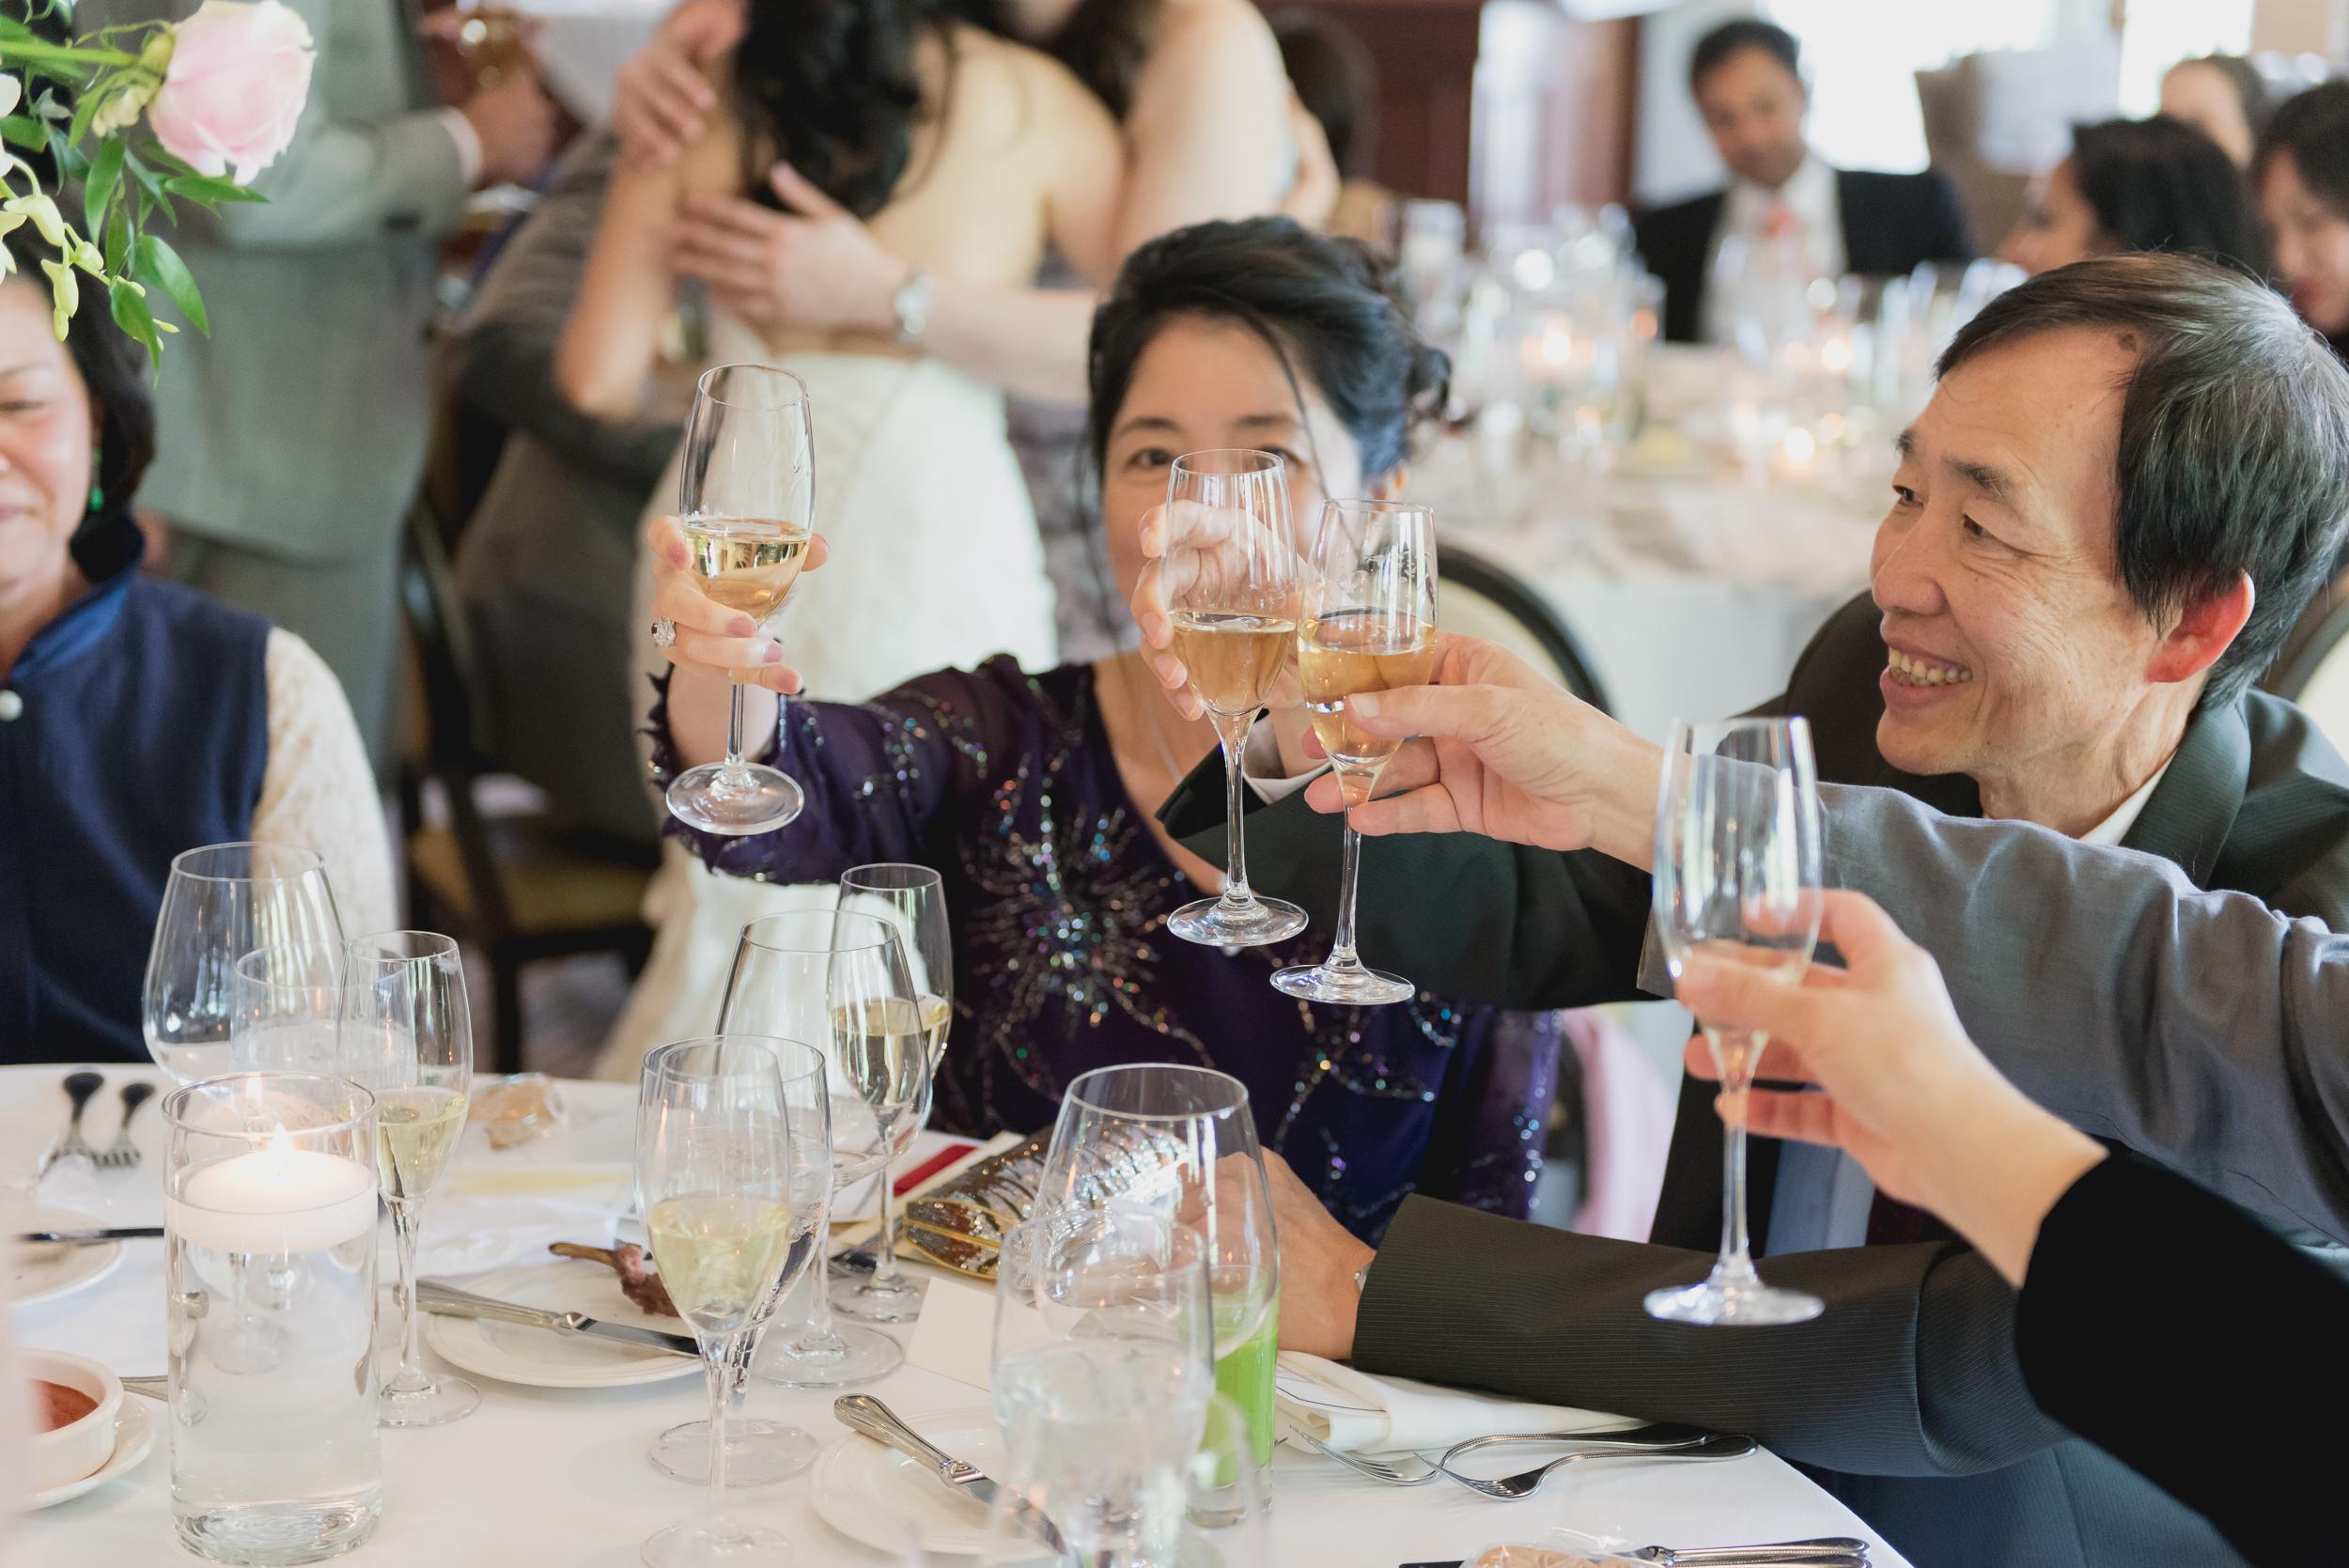 silverado-resort-napa-wine-country-wedding-59.jpg